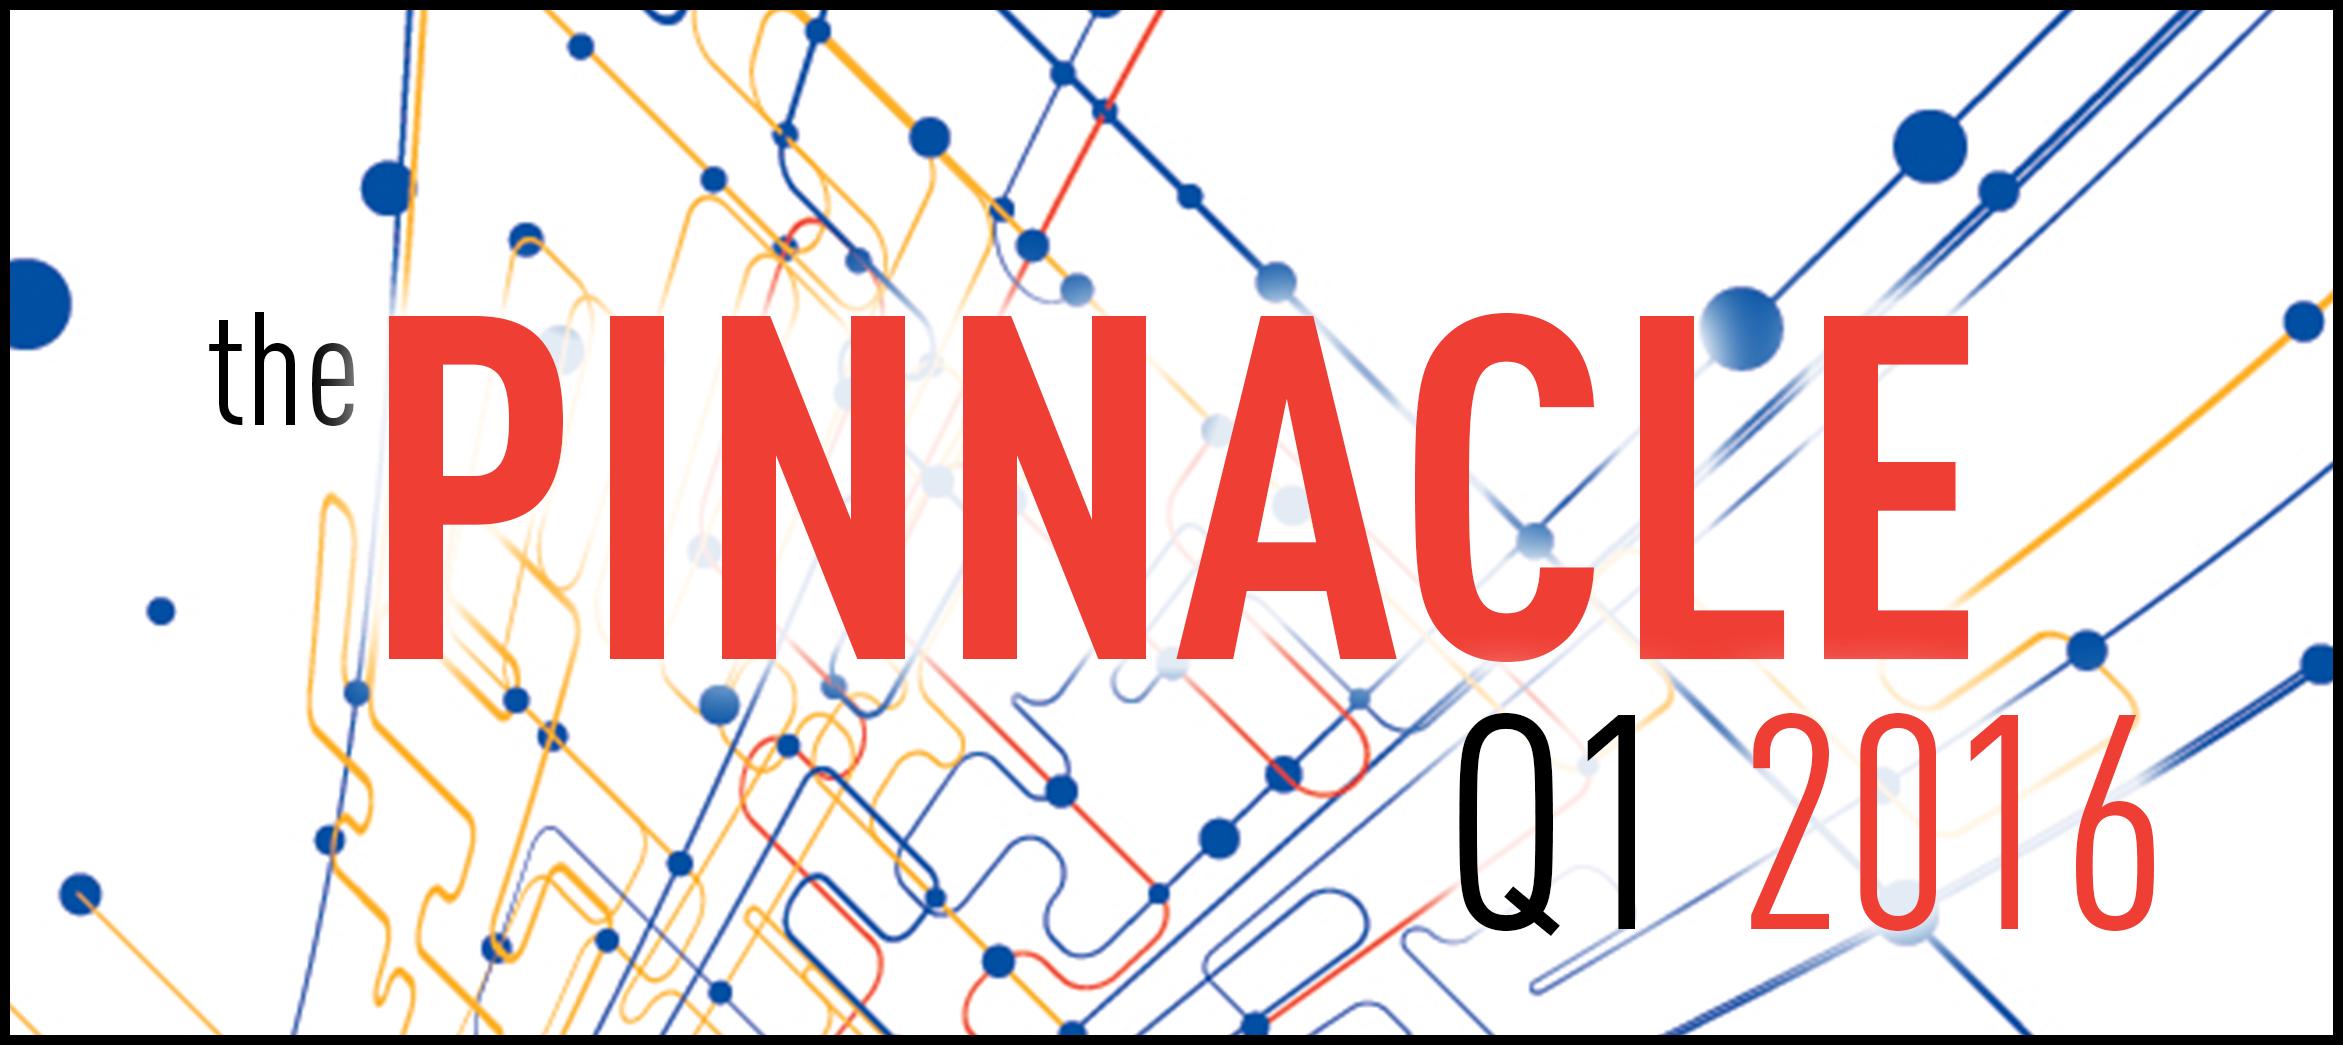 2016 First Quarter Pinnacle